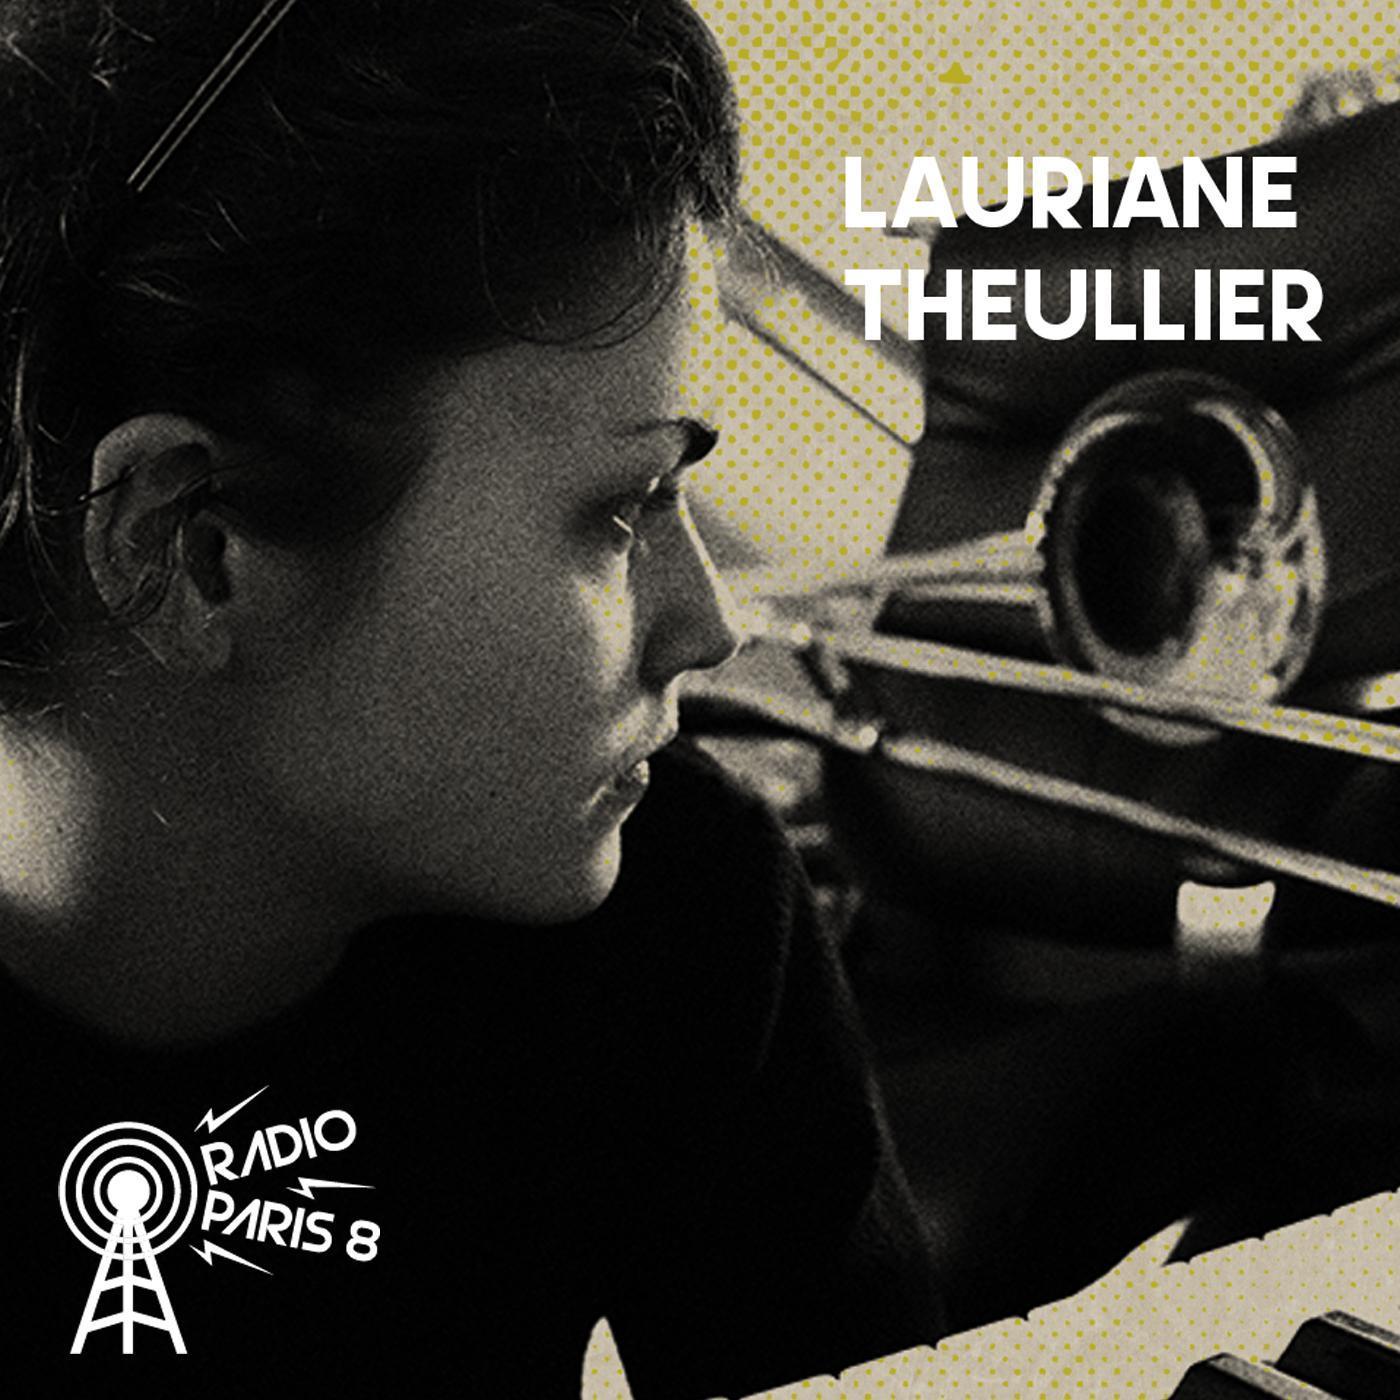 Lauriane Theullier, étudiante en musicologie et militante féministe